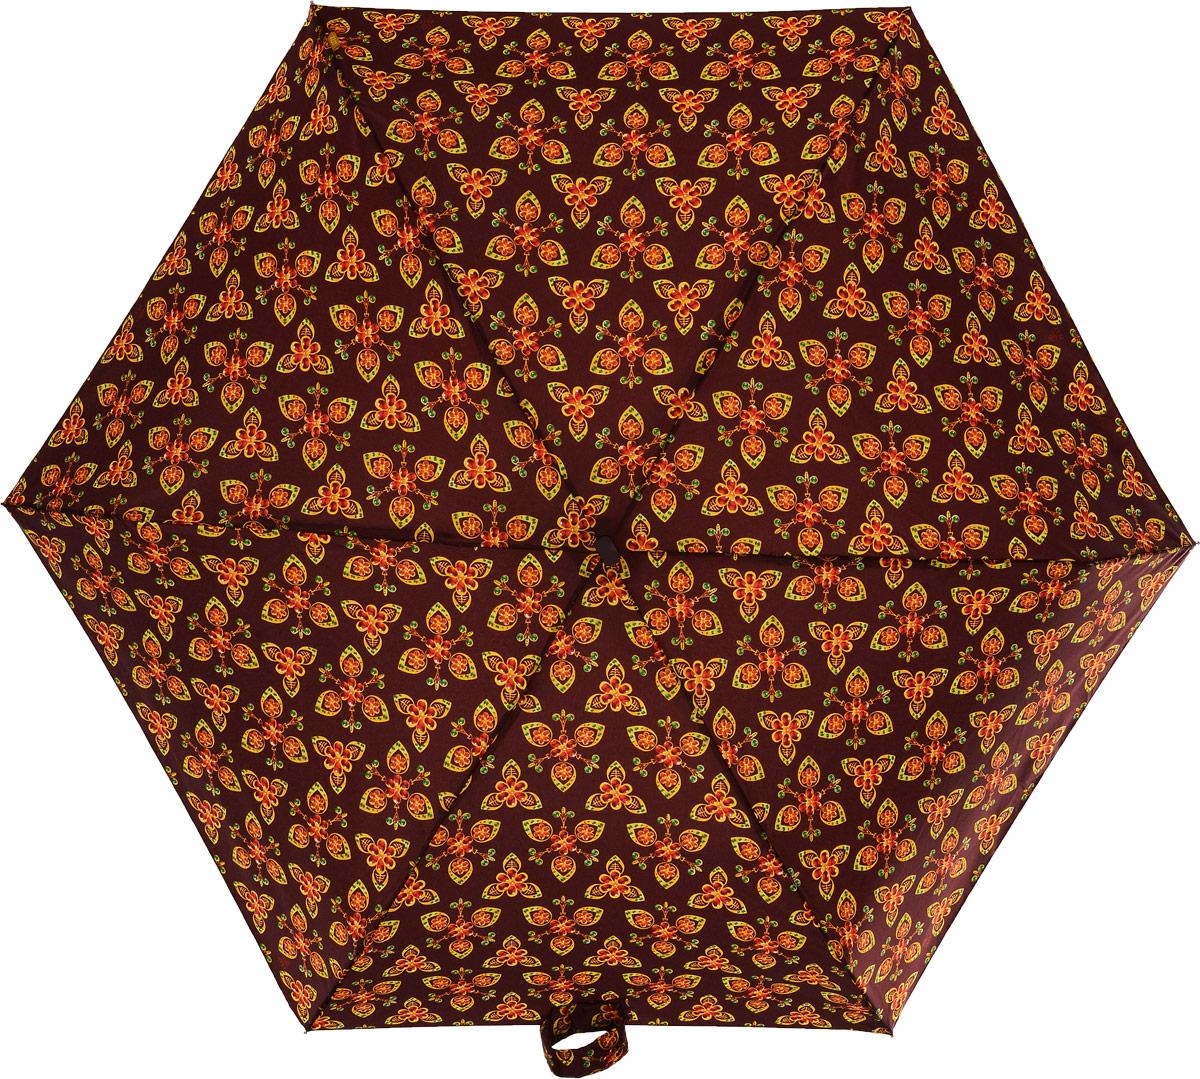 Зонт женский Zest, механический, 5 сложений, цвет: бордовый, оранжевый, желтый, зеленый. 25518-654REM9-BROWNНевероятно компактный и легкий зонт Zest имеет 5 сложений. Модель зонта складывается и раскладывается механически. Удобная ручка выполнена из пластика с прорезиненным нанесением, приятна на ощупь. В сложенном состоянии зонт занимает очень мало места, и его удобно будет носить с собой даже в маленькой сумочке. К зонту прилагается чехол.